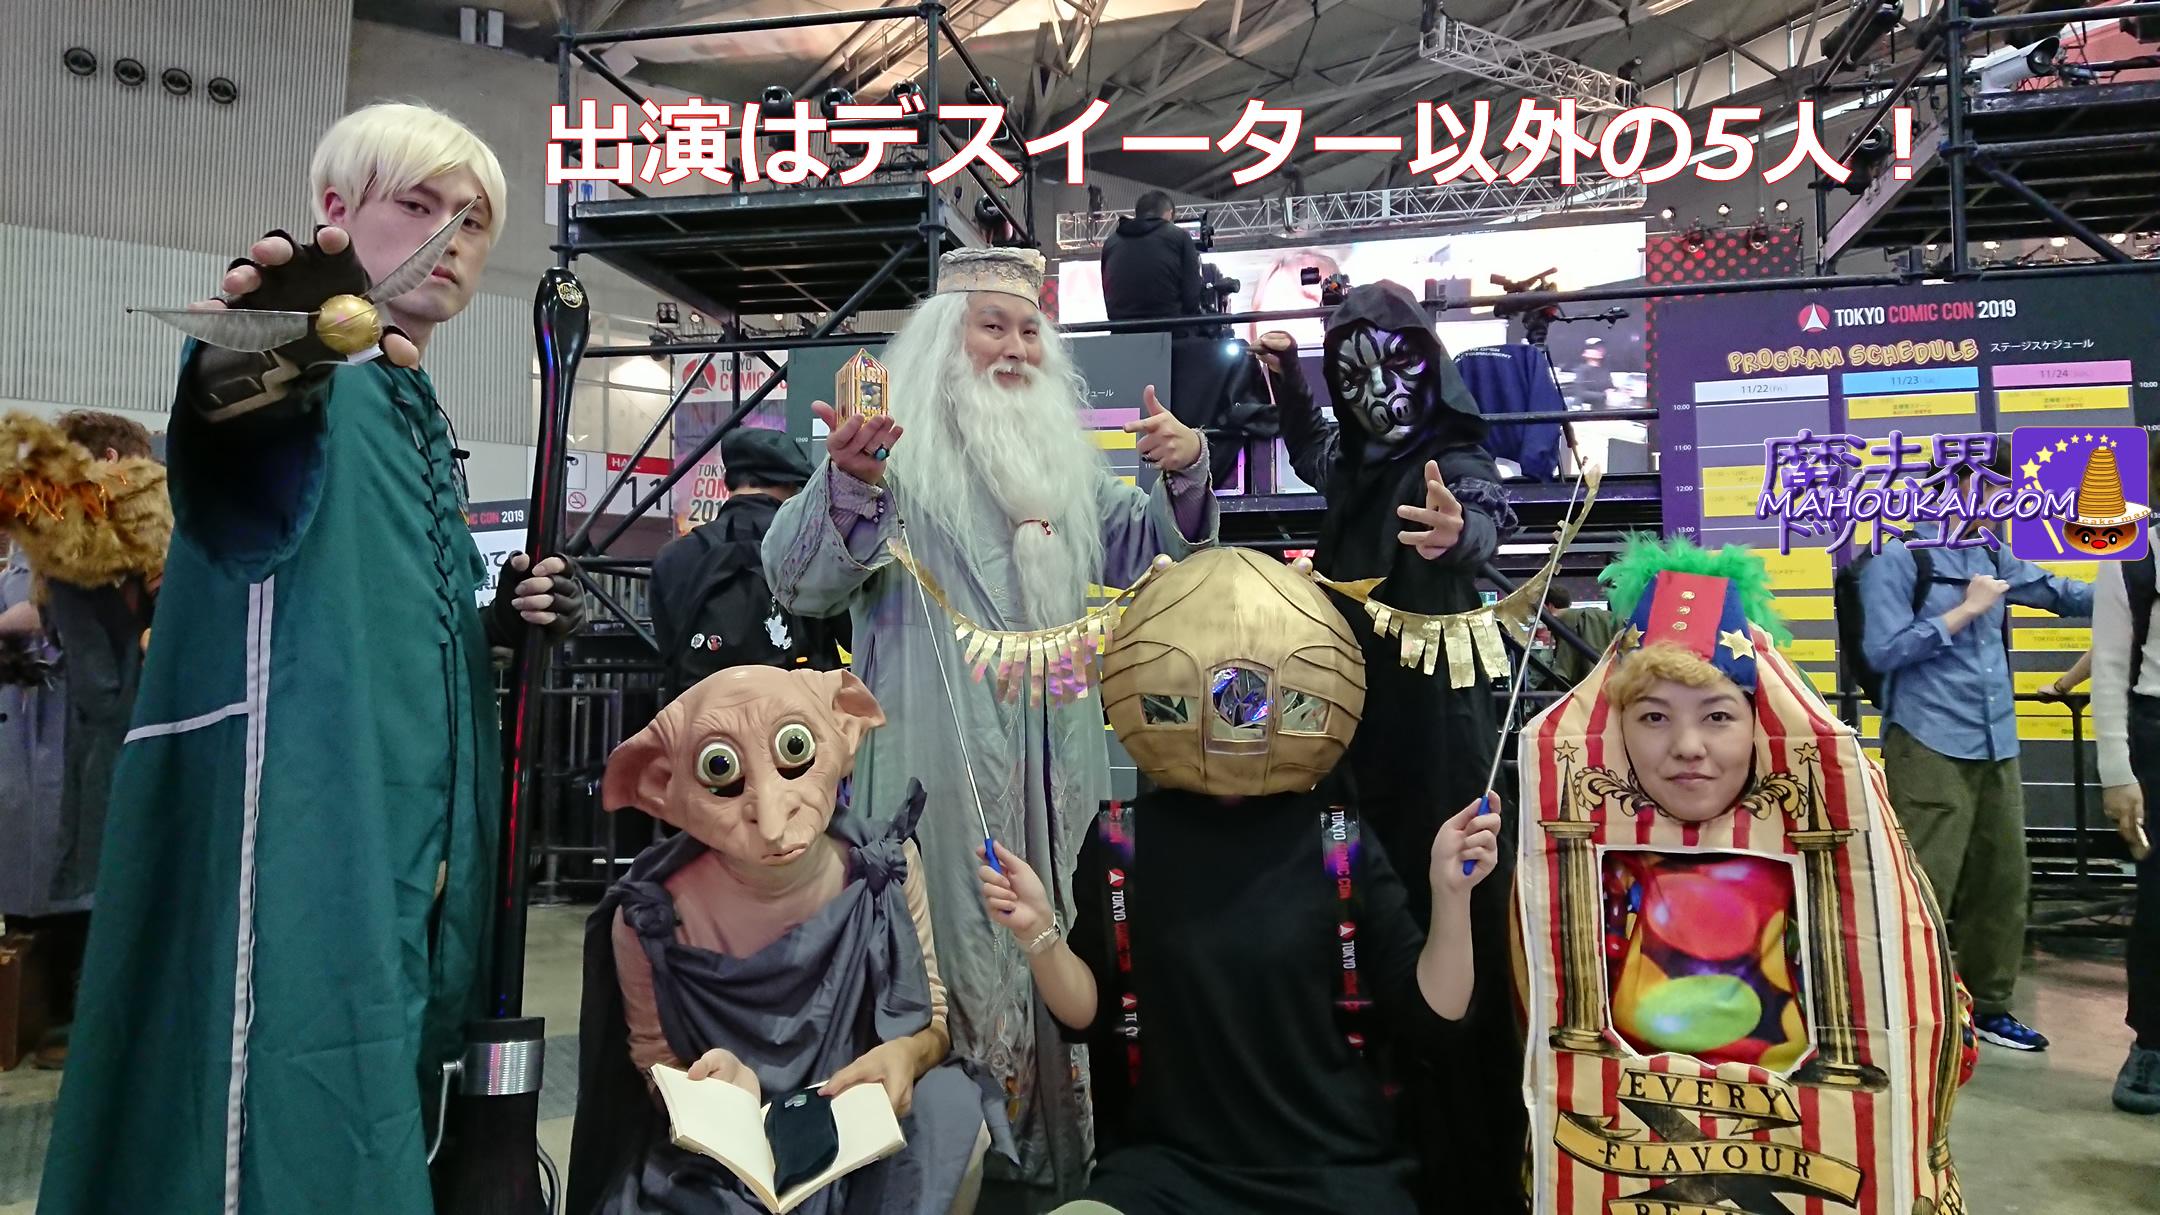 ロン祭り東京コミコン2019 ドビーの魔法チーム